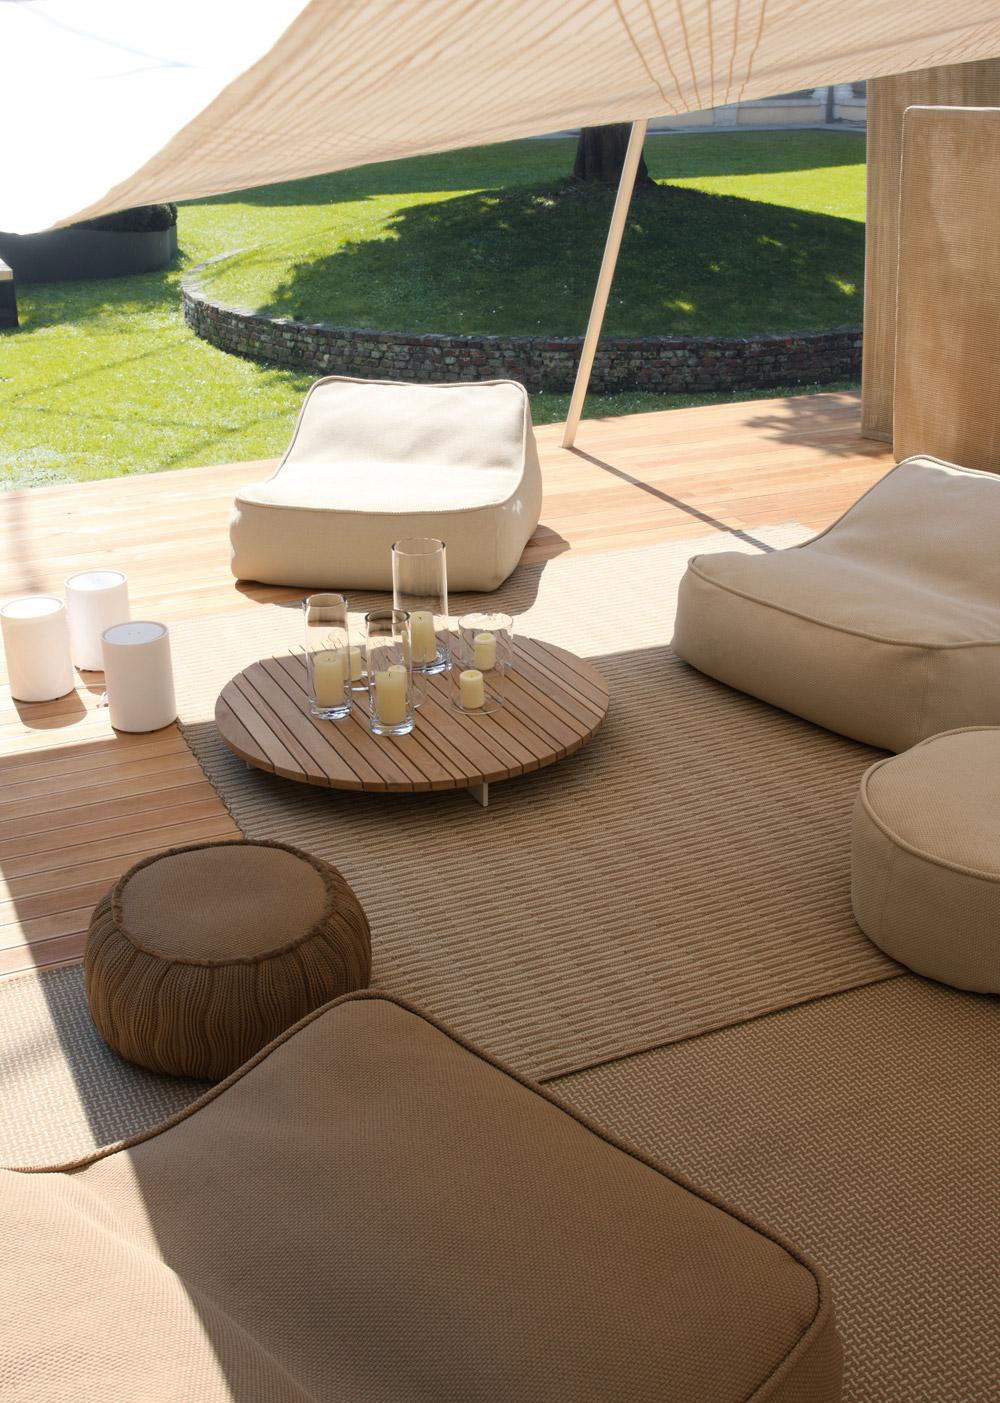 Float di paola lenti divani e poltrone outdoor for Paola lenti